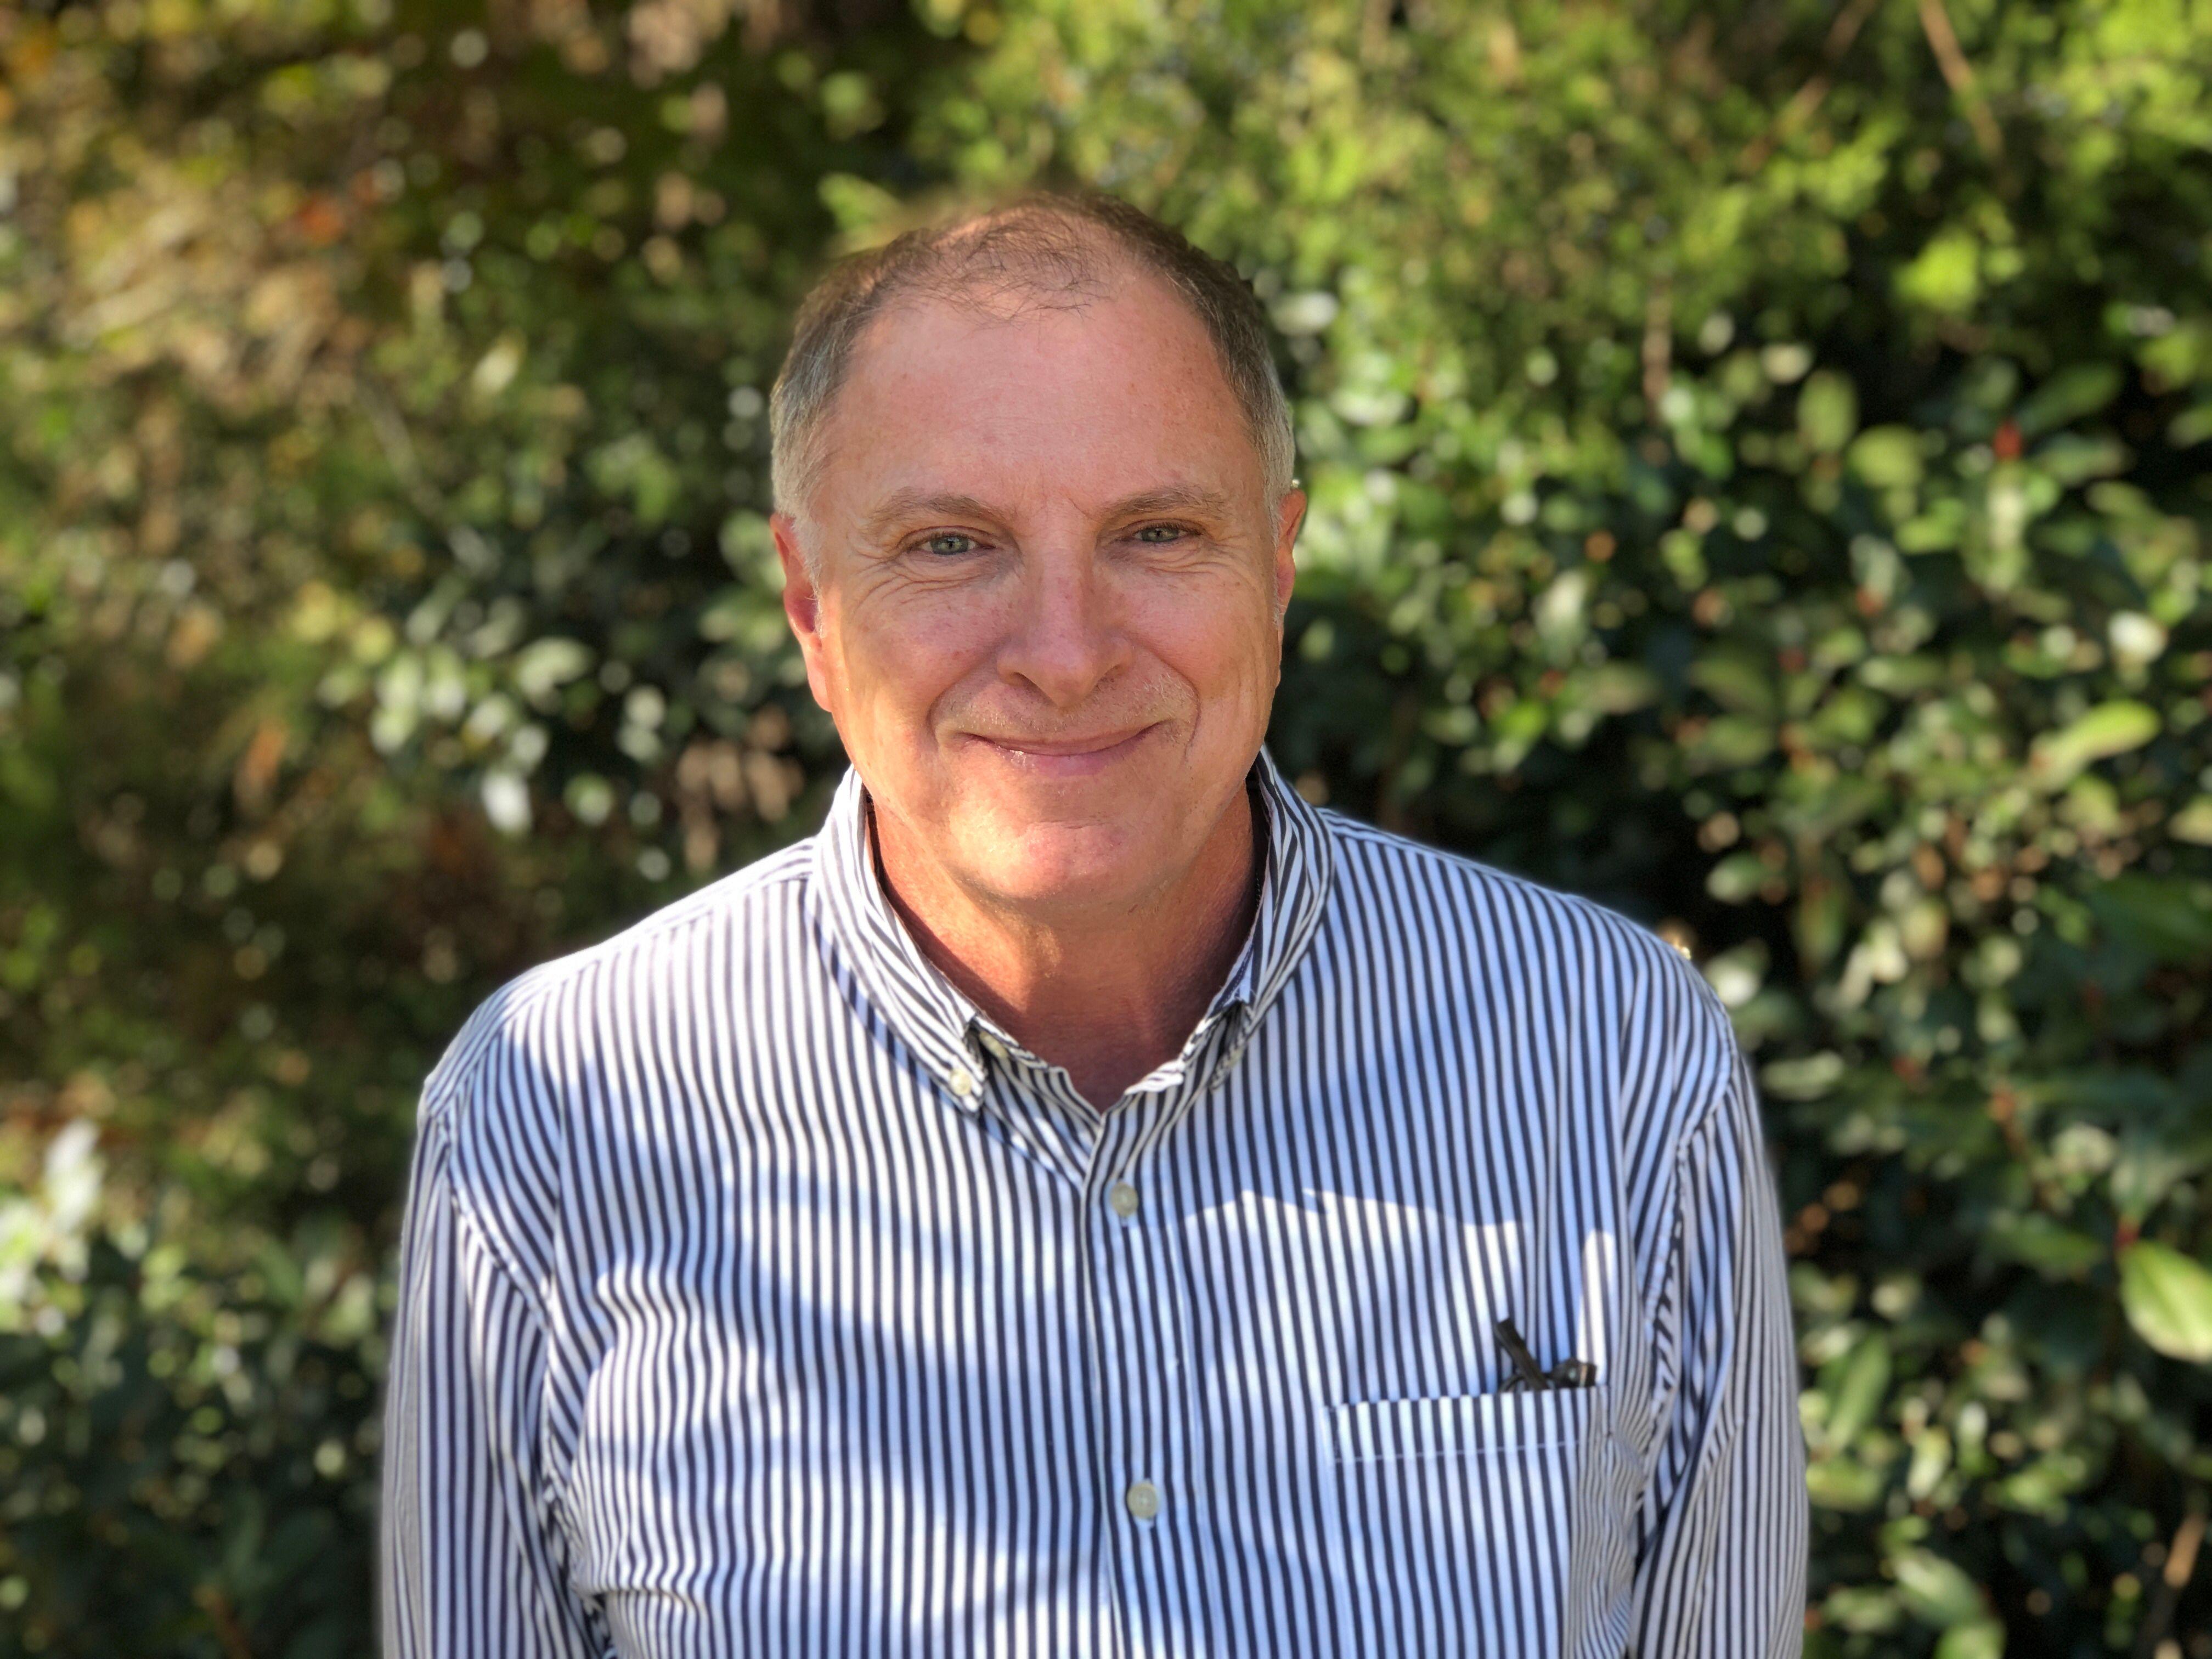 Dan Dwyer